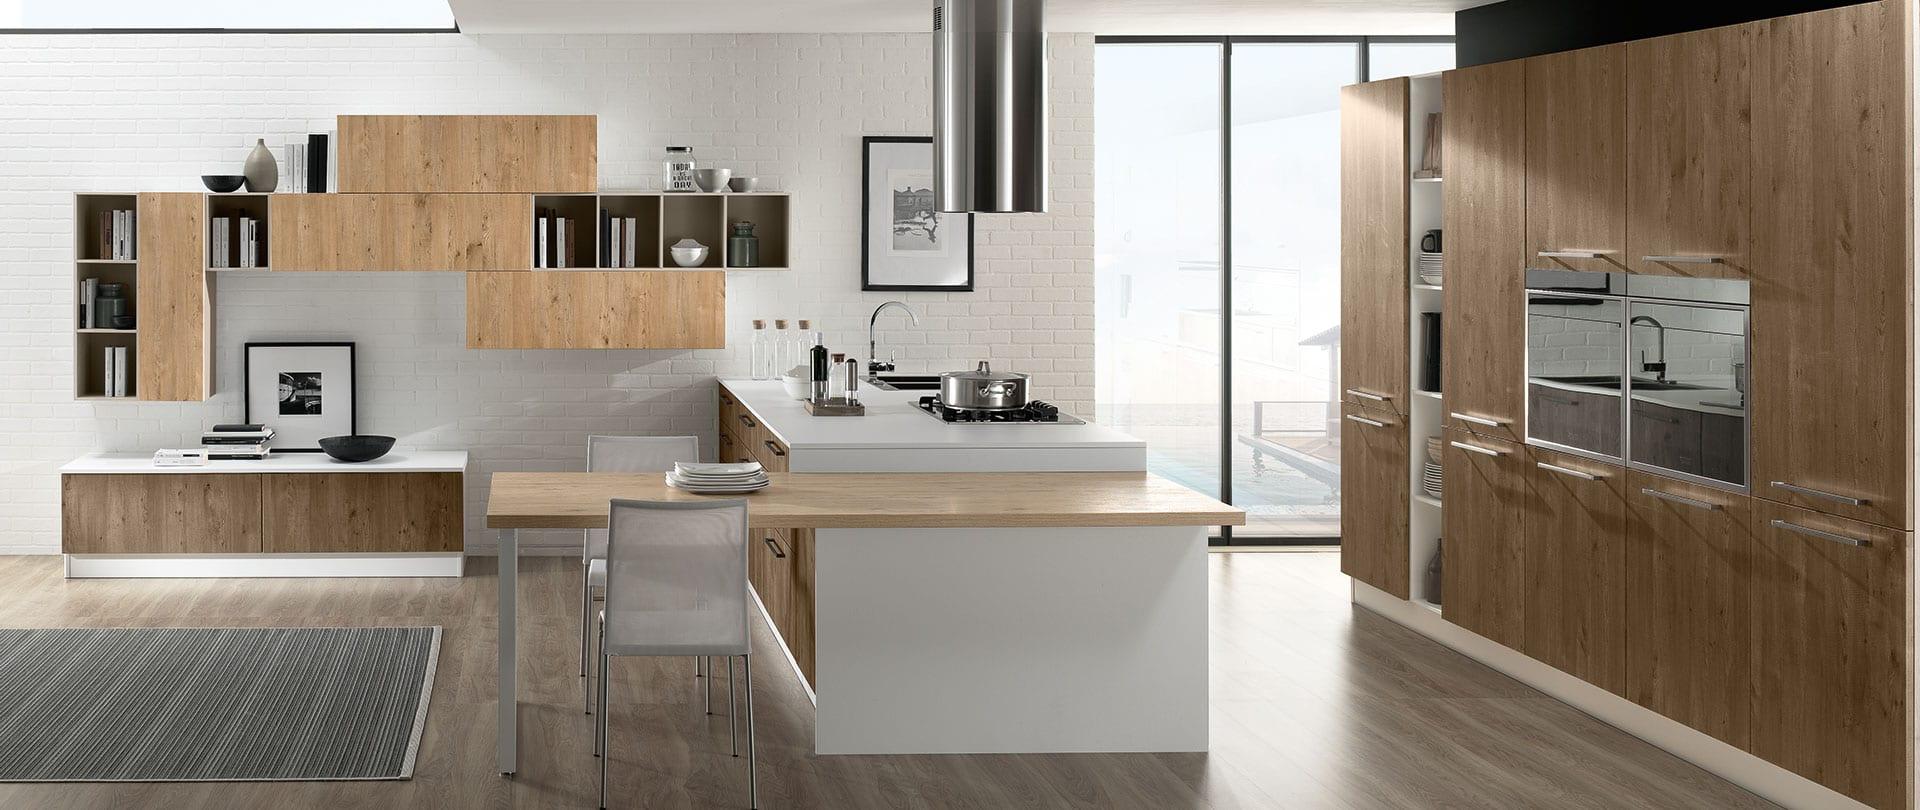 Modern Kitchen Brio - Sapin Natural and Sapin Terre